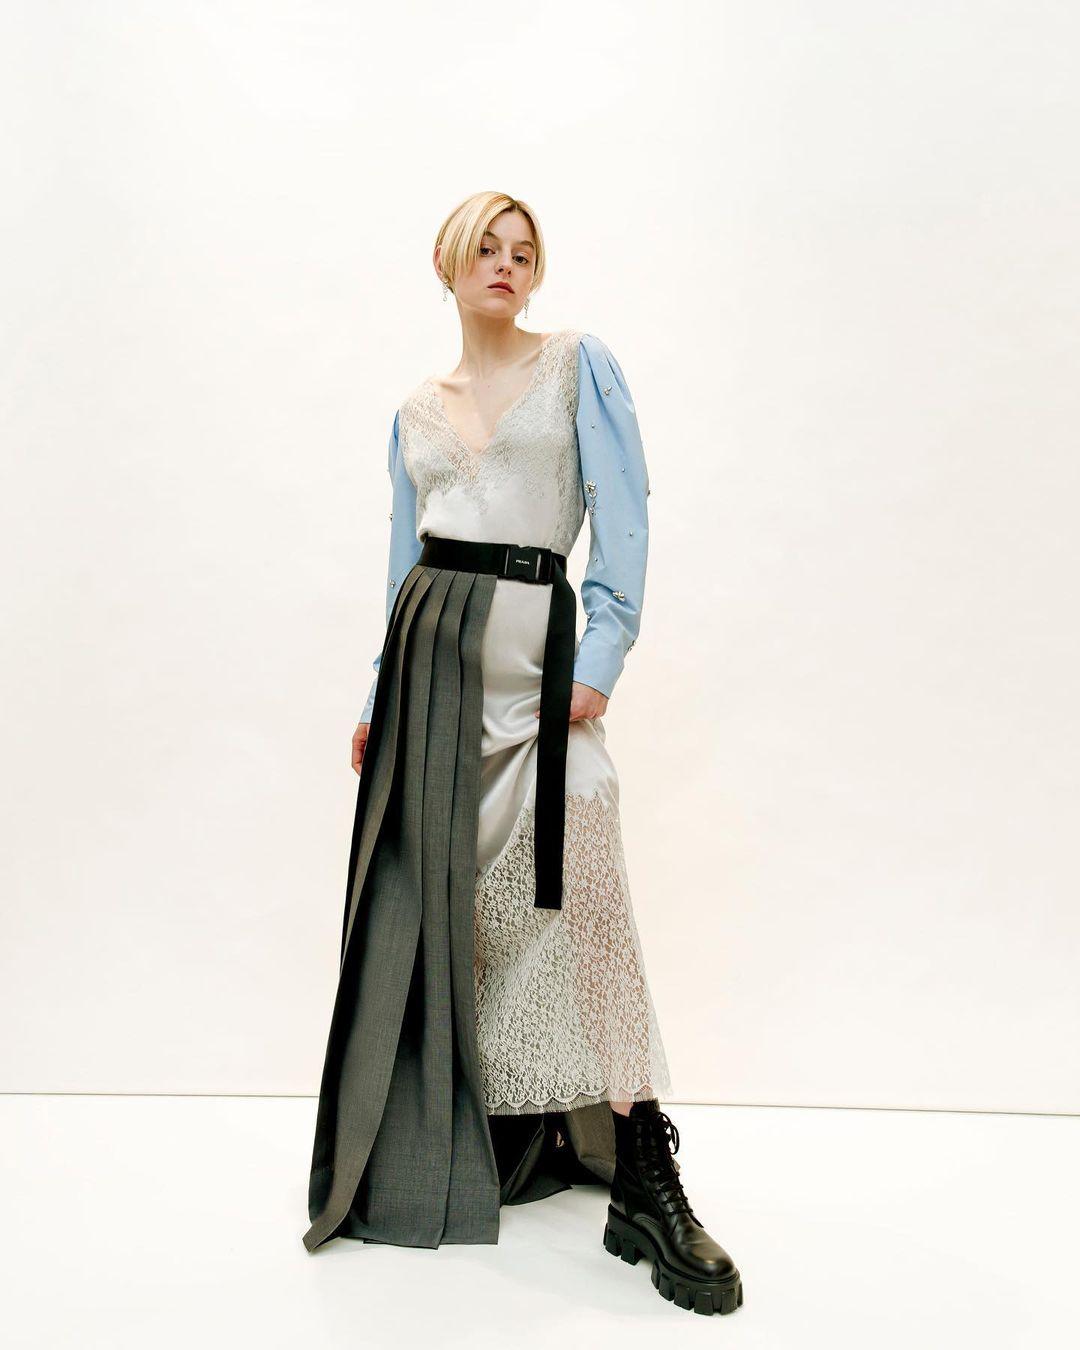 Emma Corrin apostó a experimentar con texturas y patrones, con un traje de Prada que nos habla de pura moda.